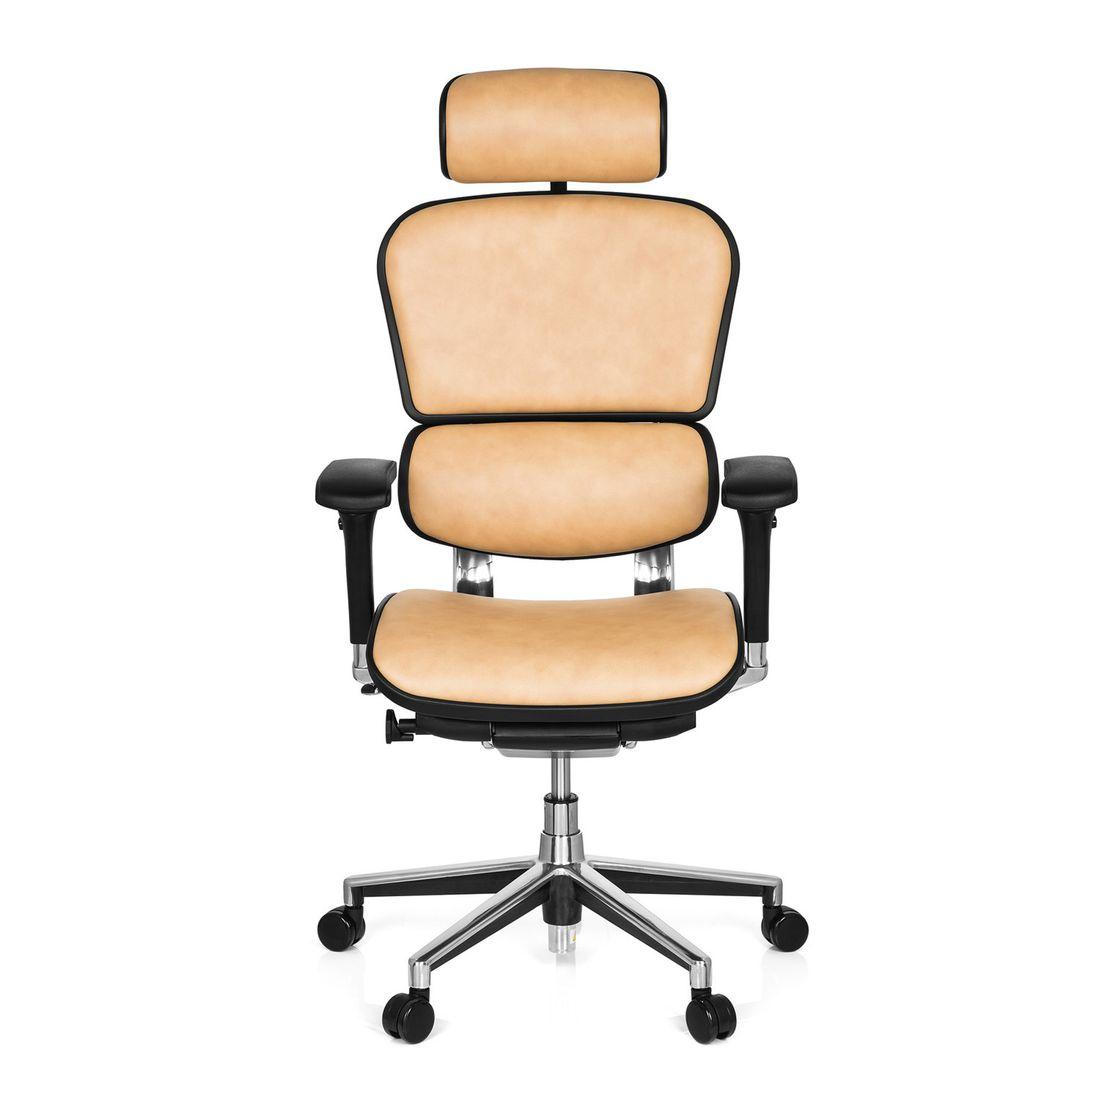 Bürostuhl Dr Büro Poreo 107 Chefsessel Mit Kopfstütze Und